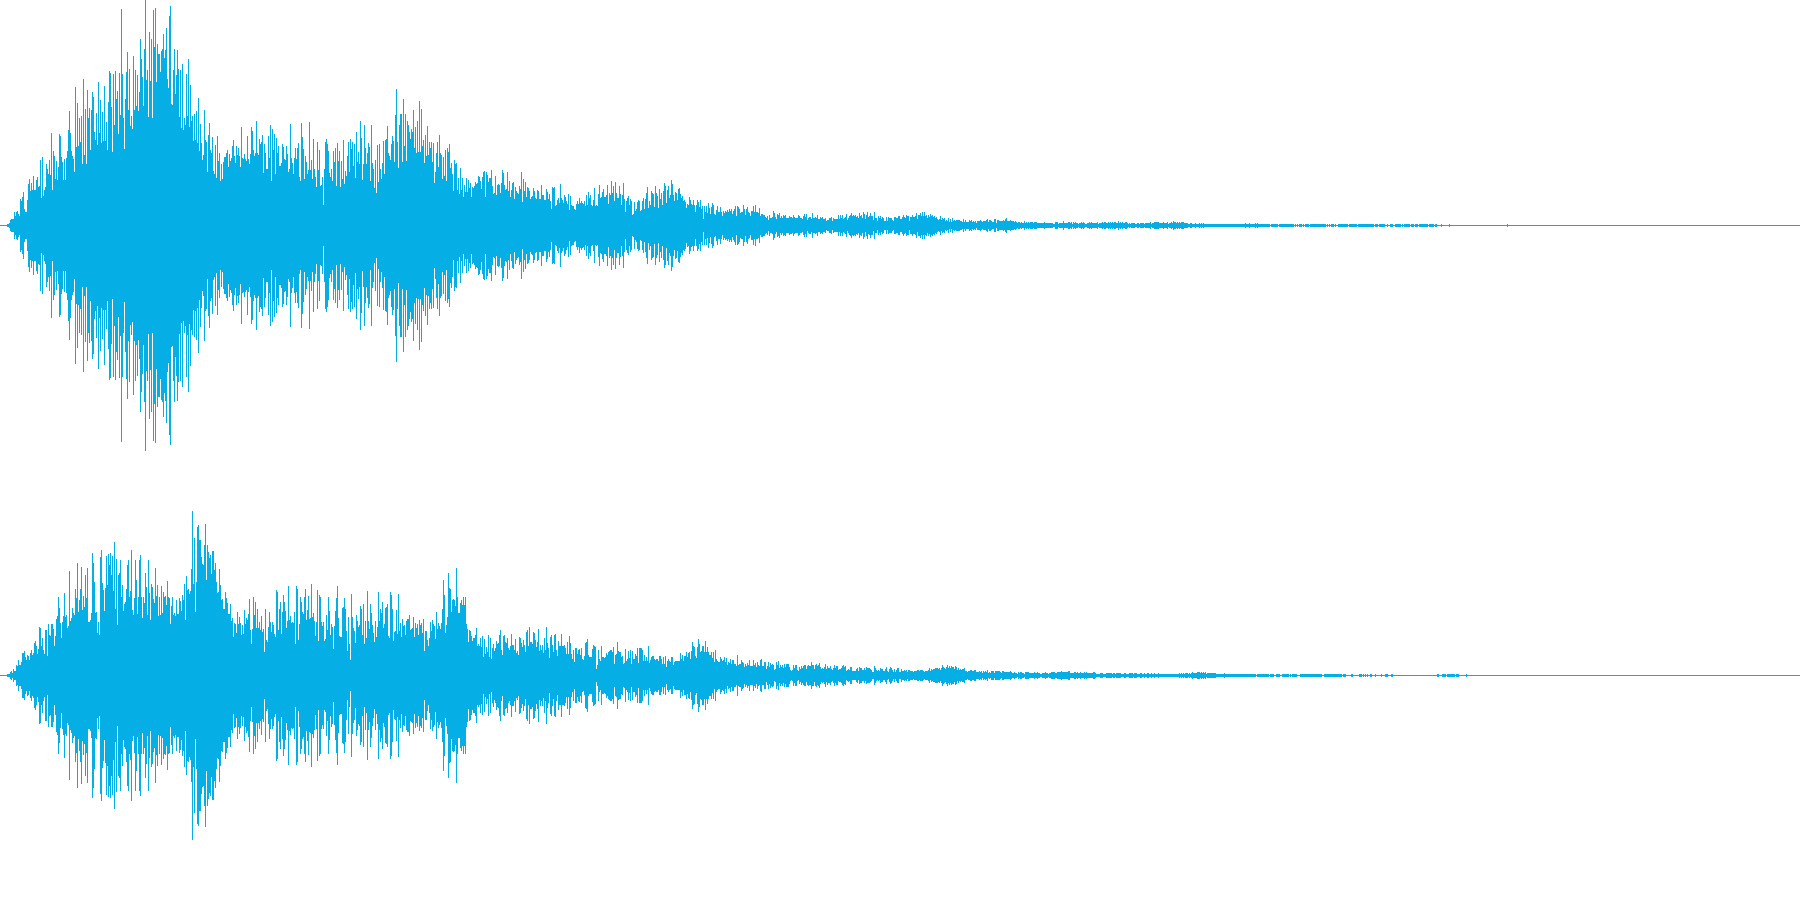 ハリウッド系サウンドロゴ ボタン押し系の再生済みの波形